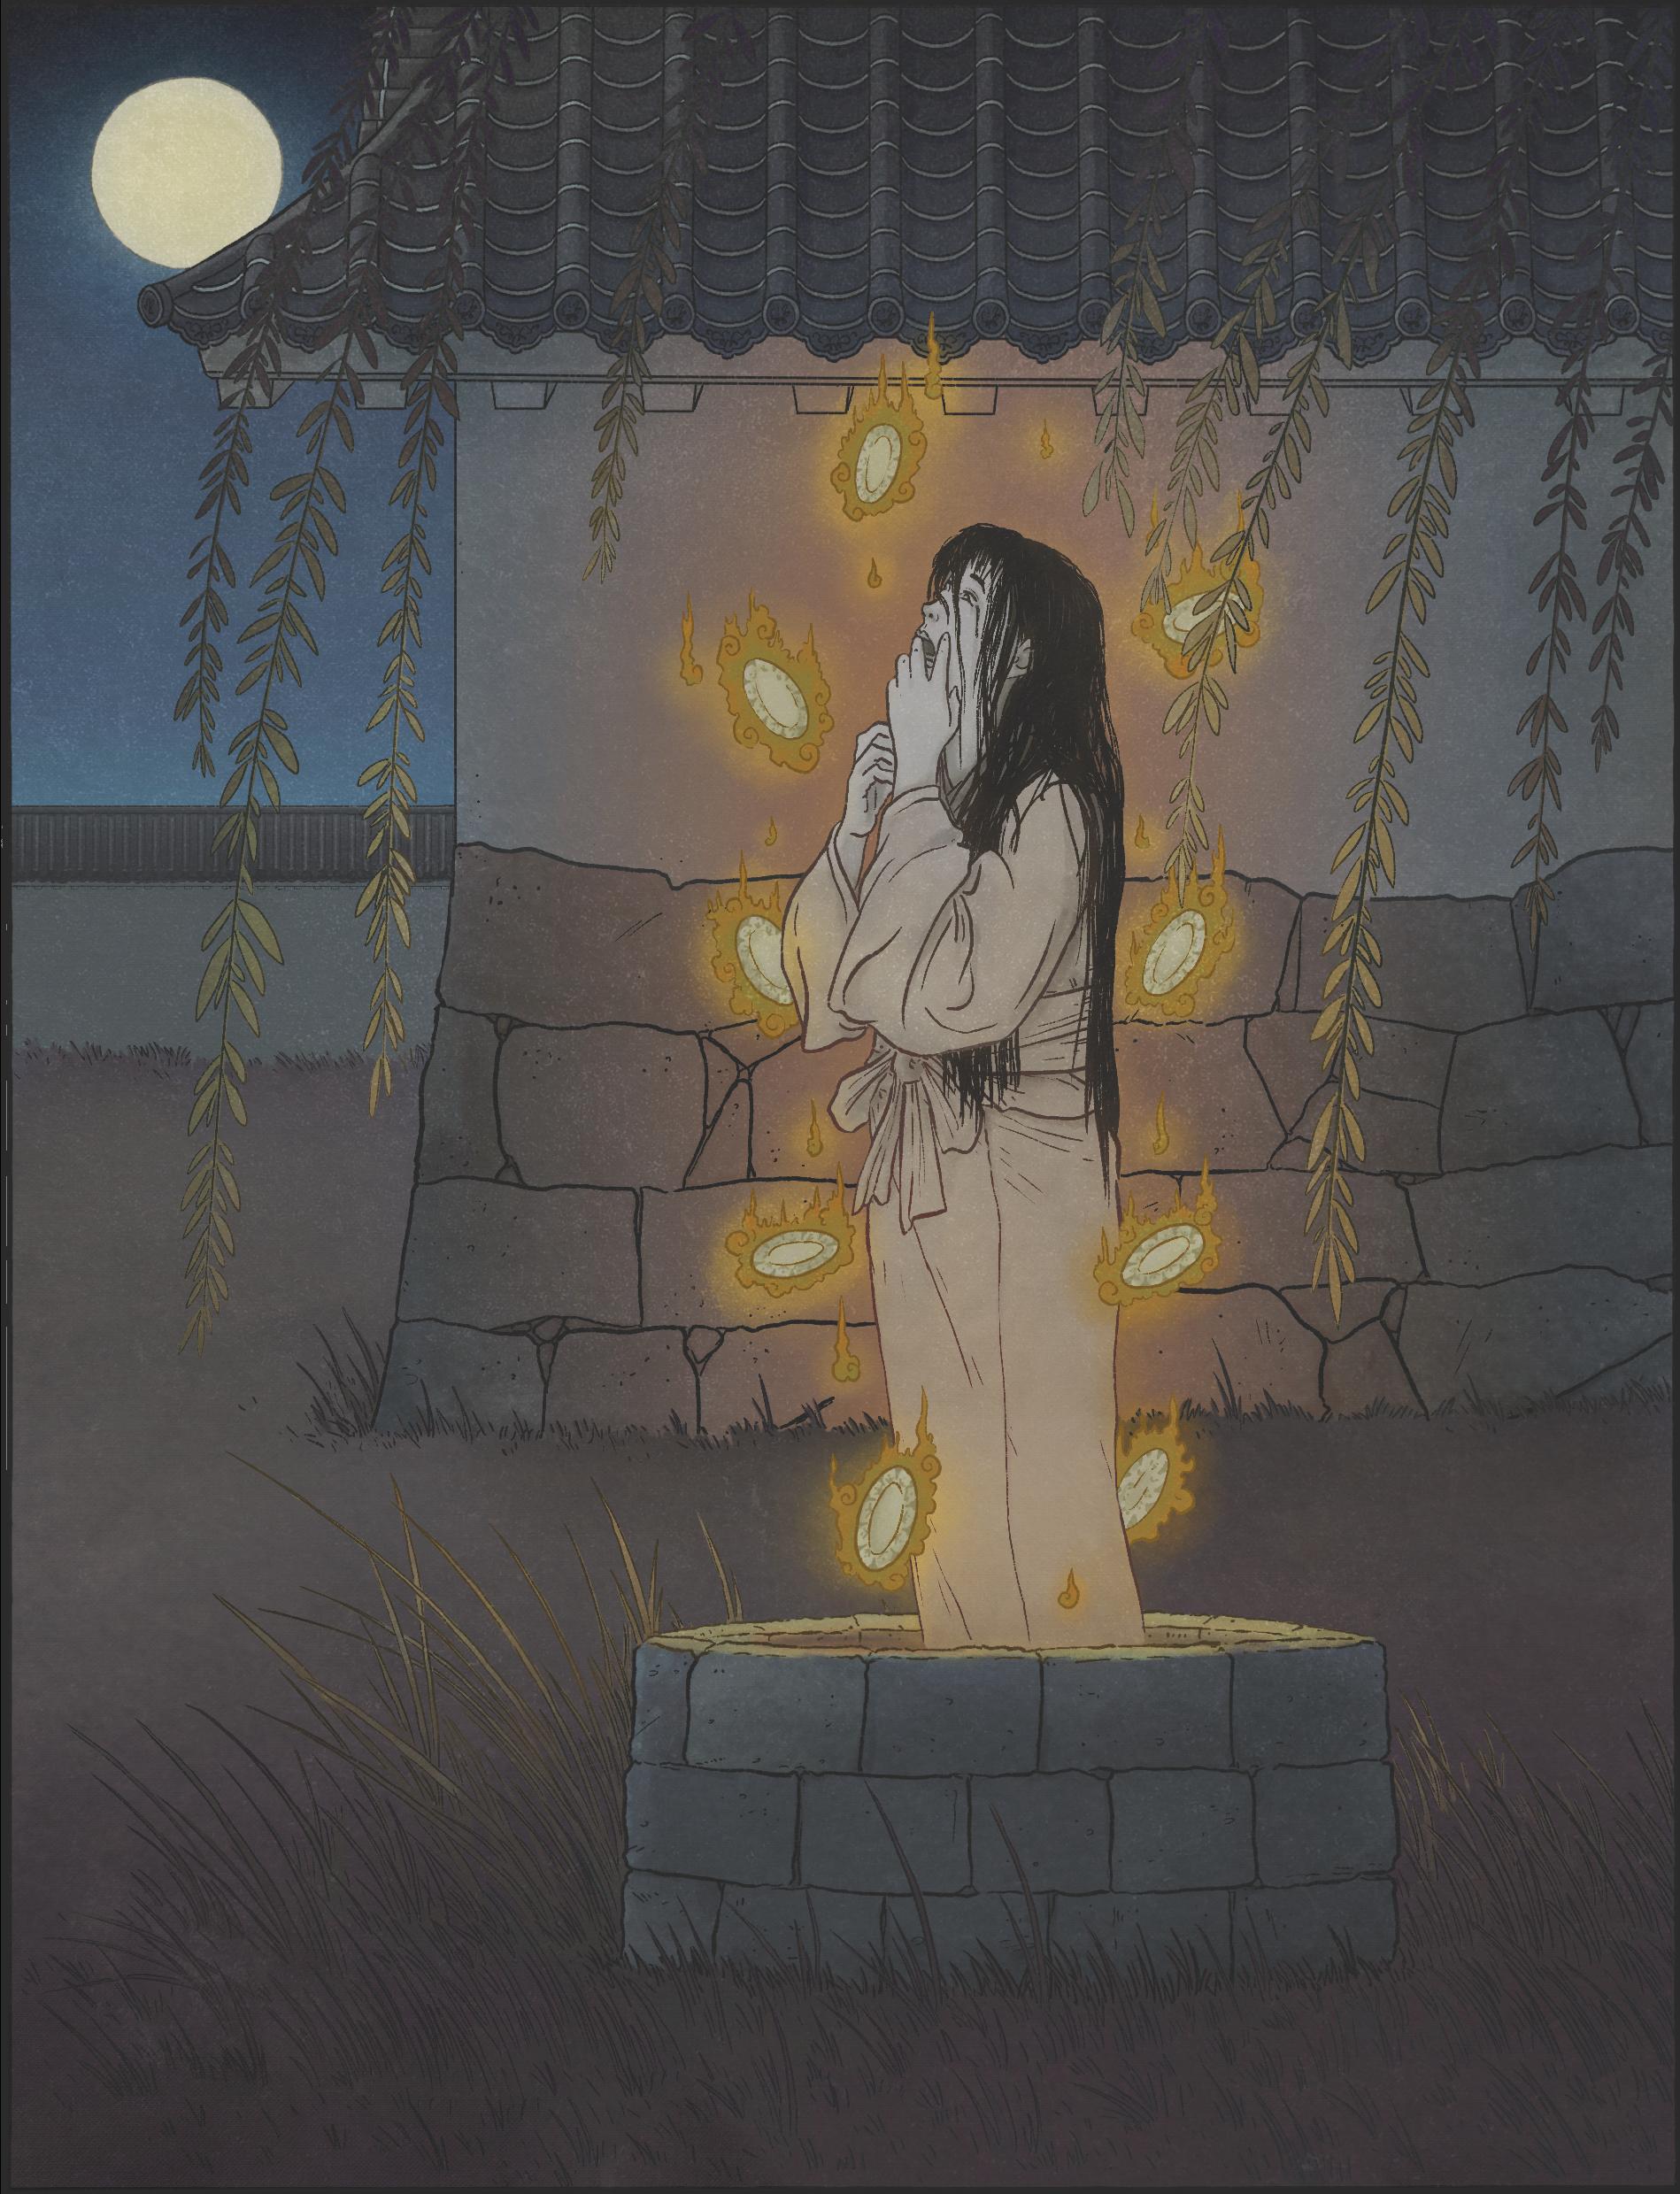 Okiku by Matthew Meyer: figure of a female ghost